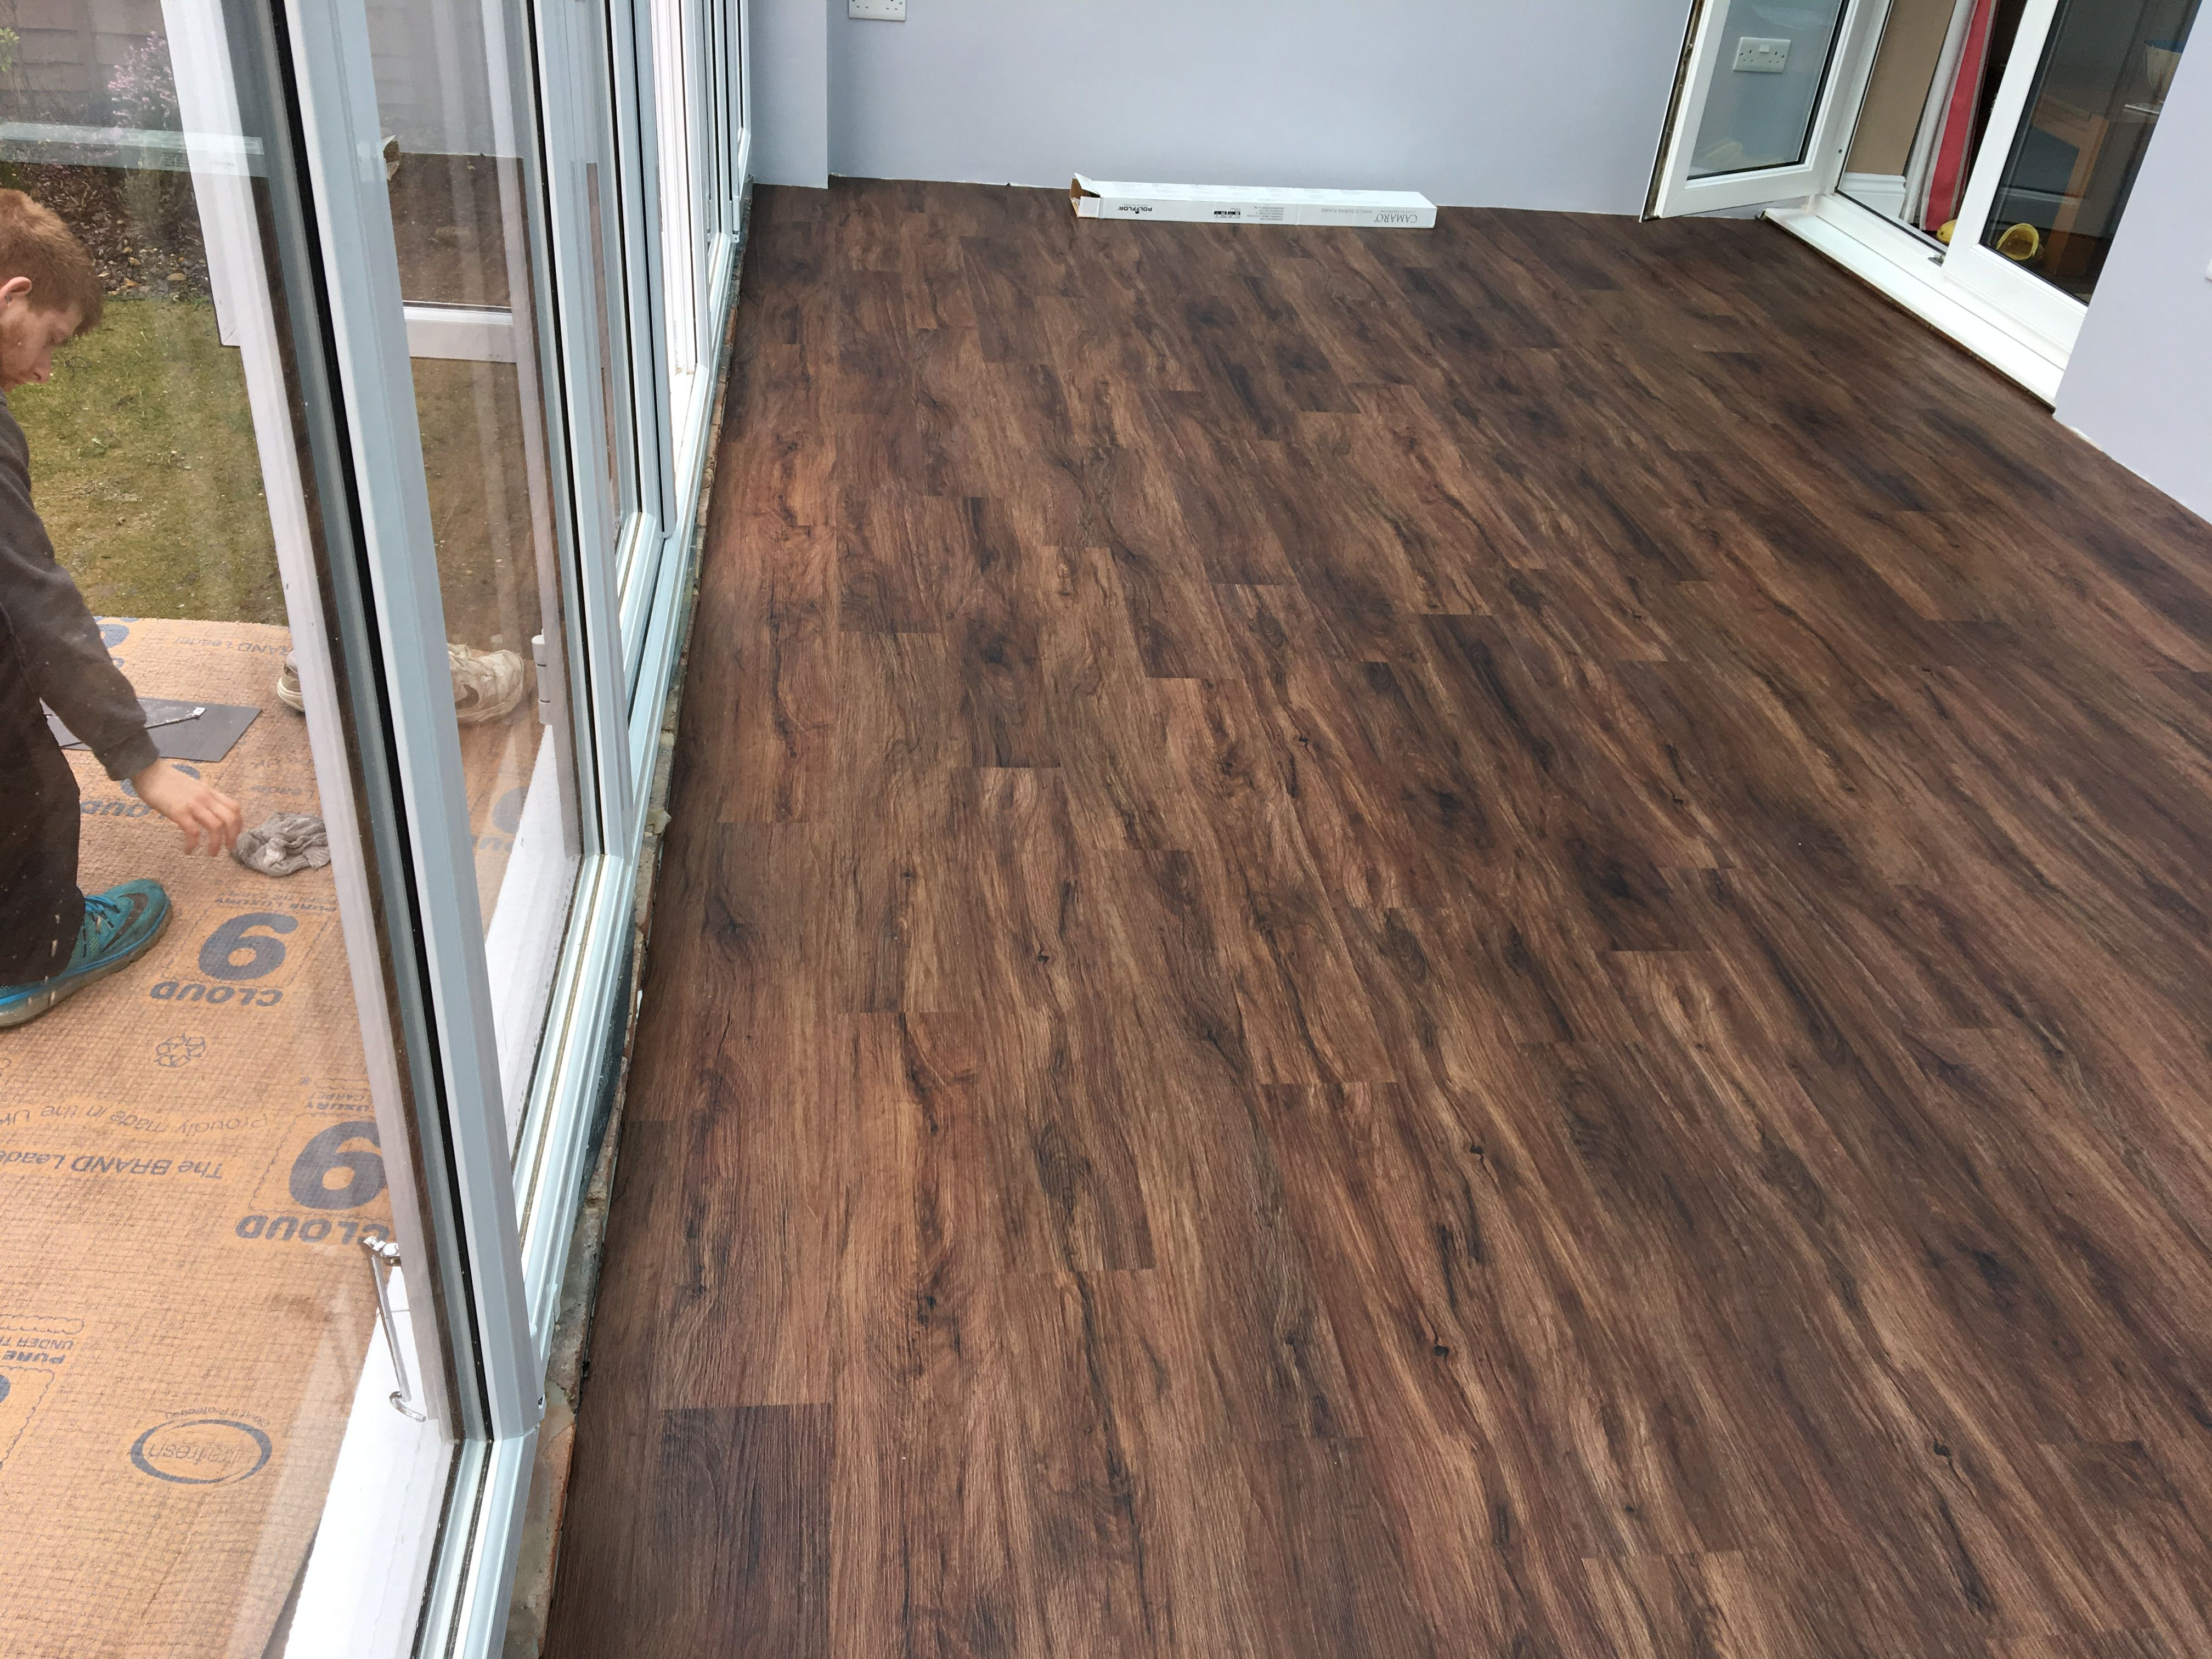 LVT, Amtico, Karndean design flooring, fitted by Ben